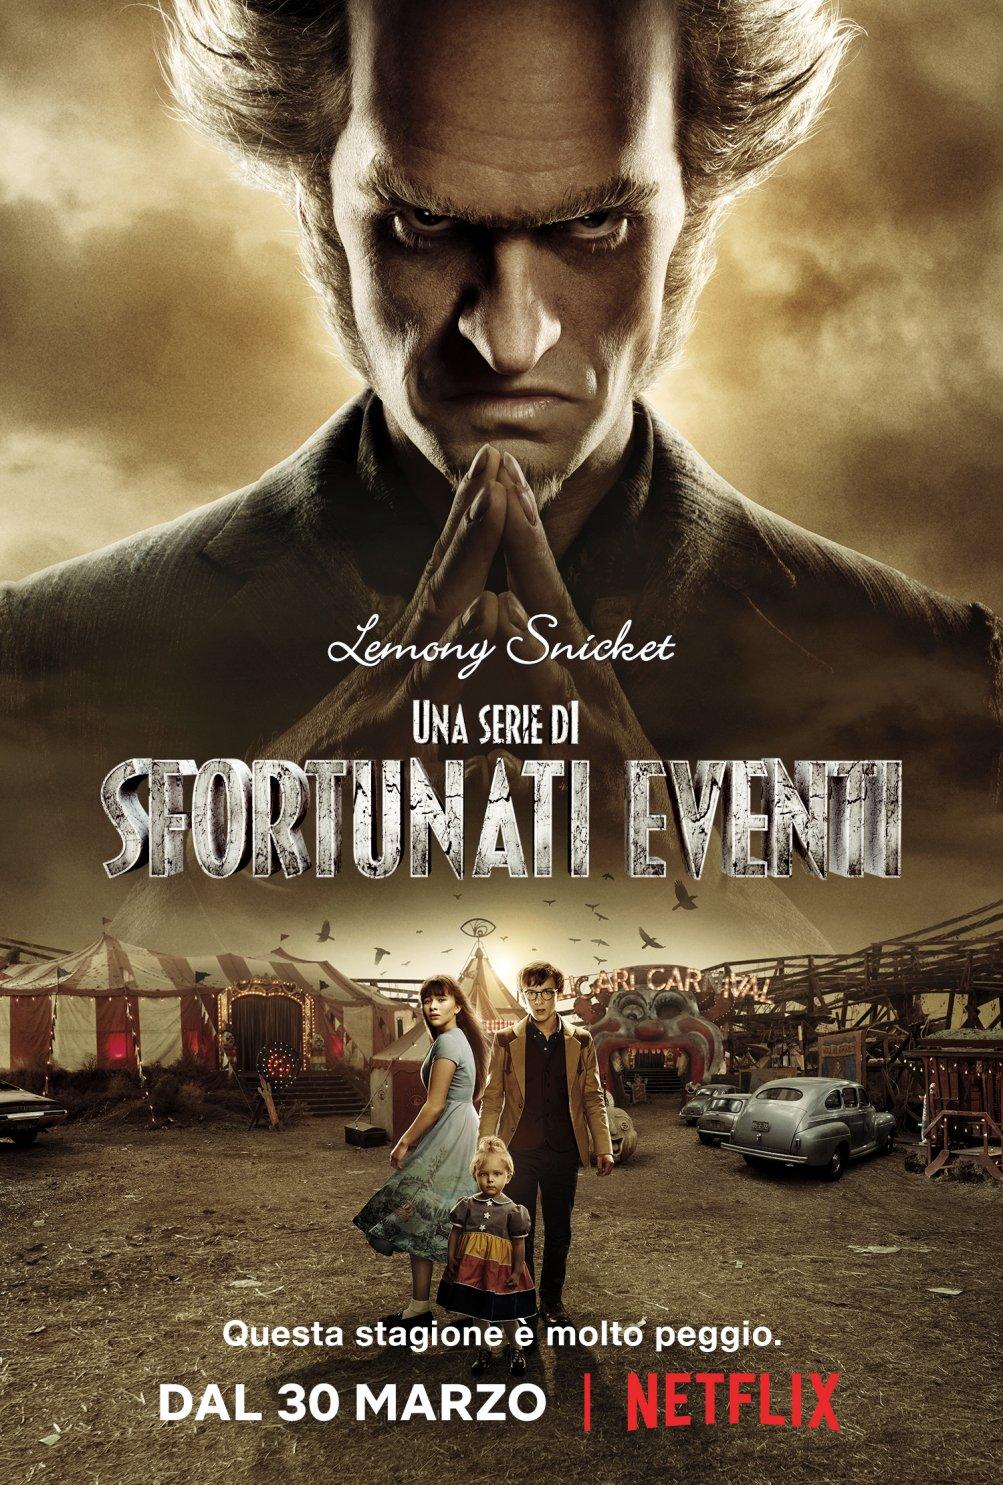 Una serie di sfortunati eventi: il poster della seconda stagione